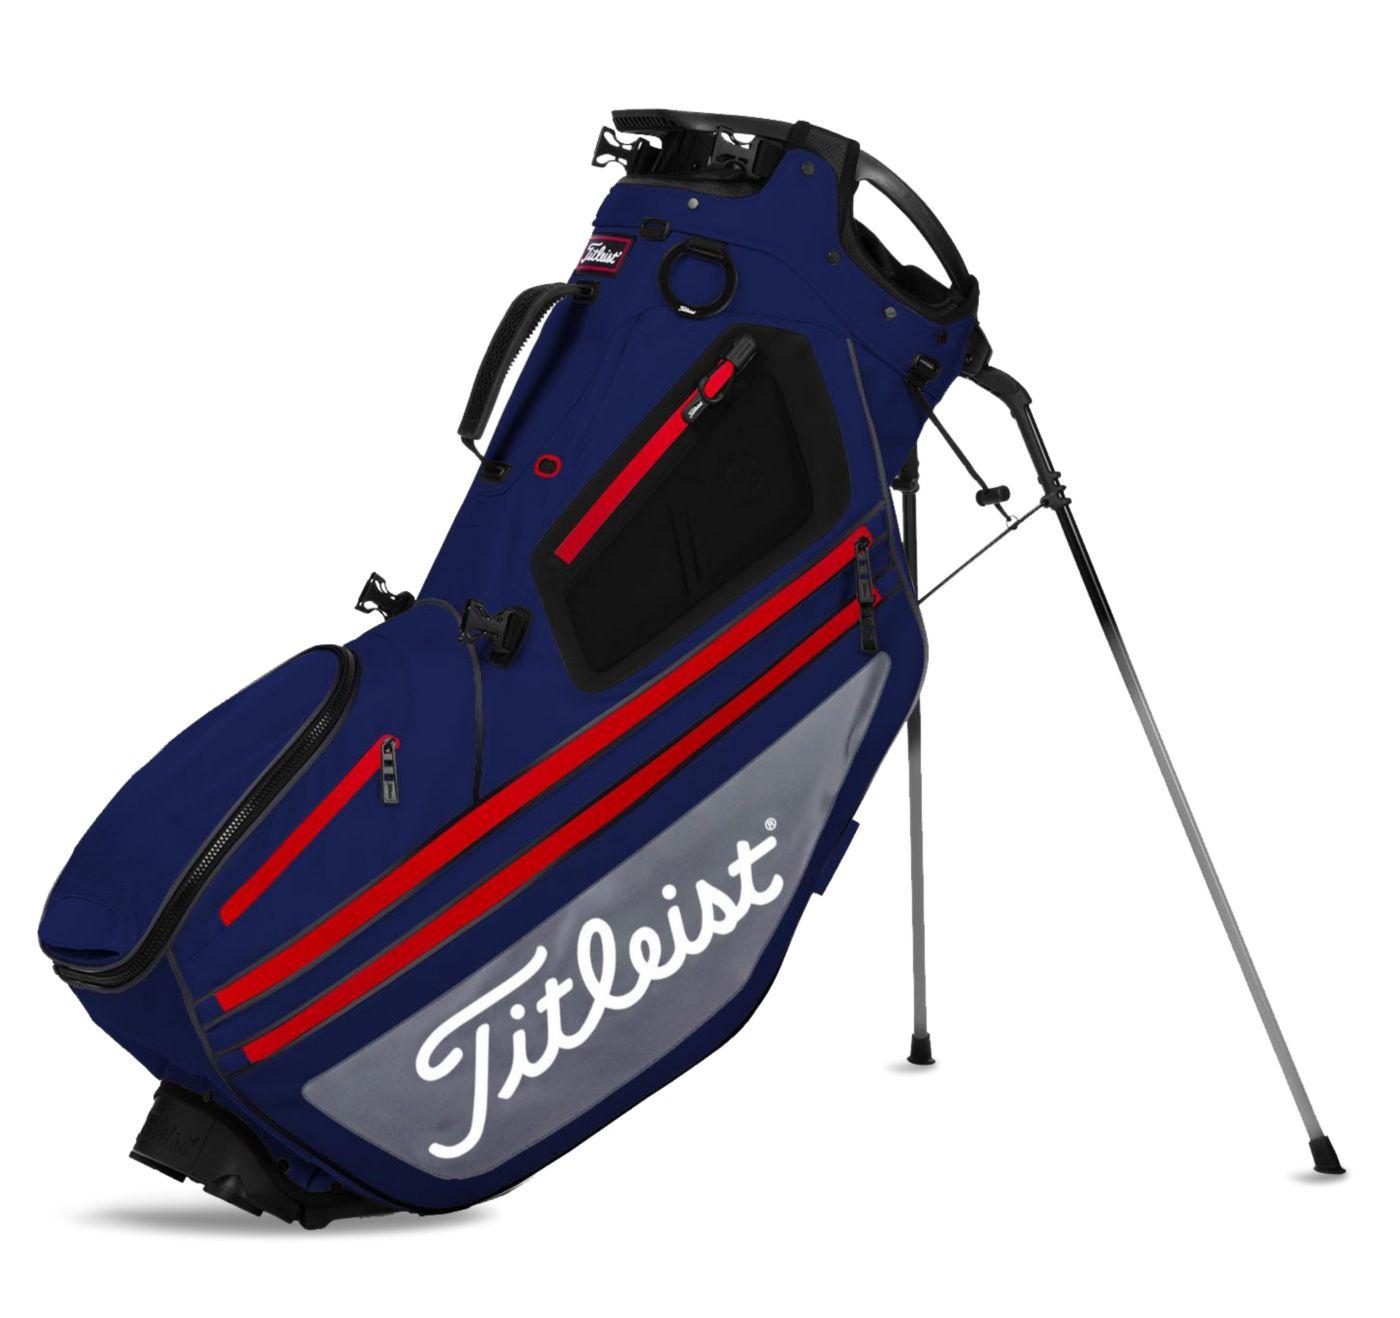 Titleist 2020 Hybrid 14 Stand Golf Bag